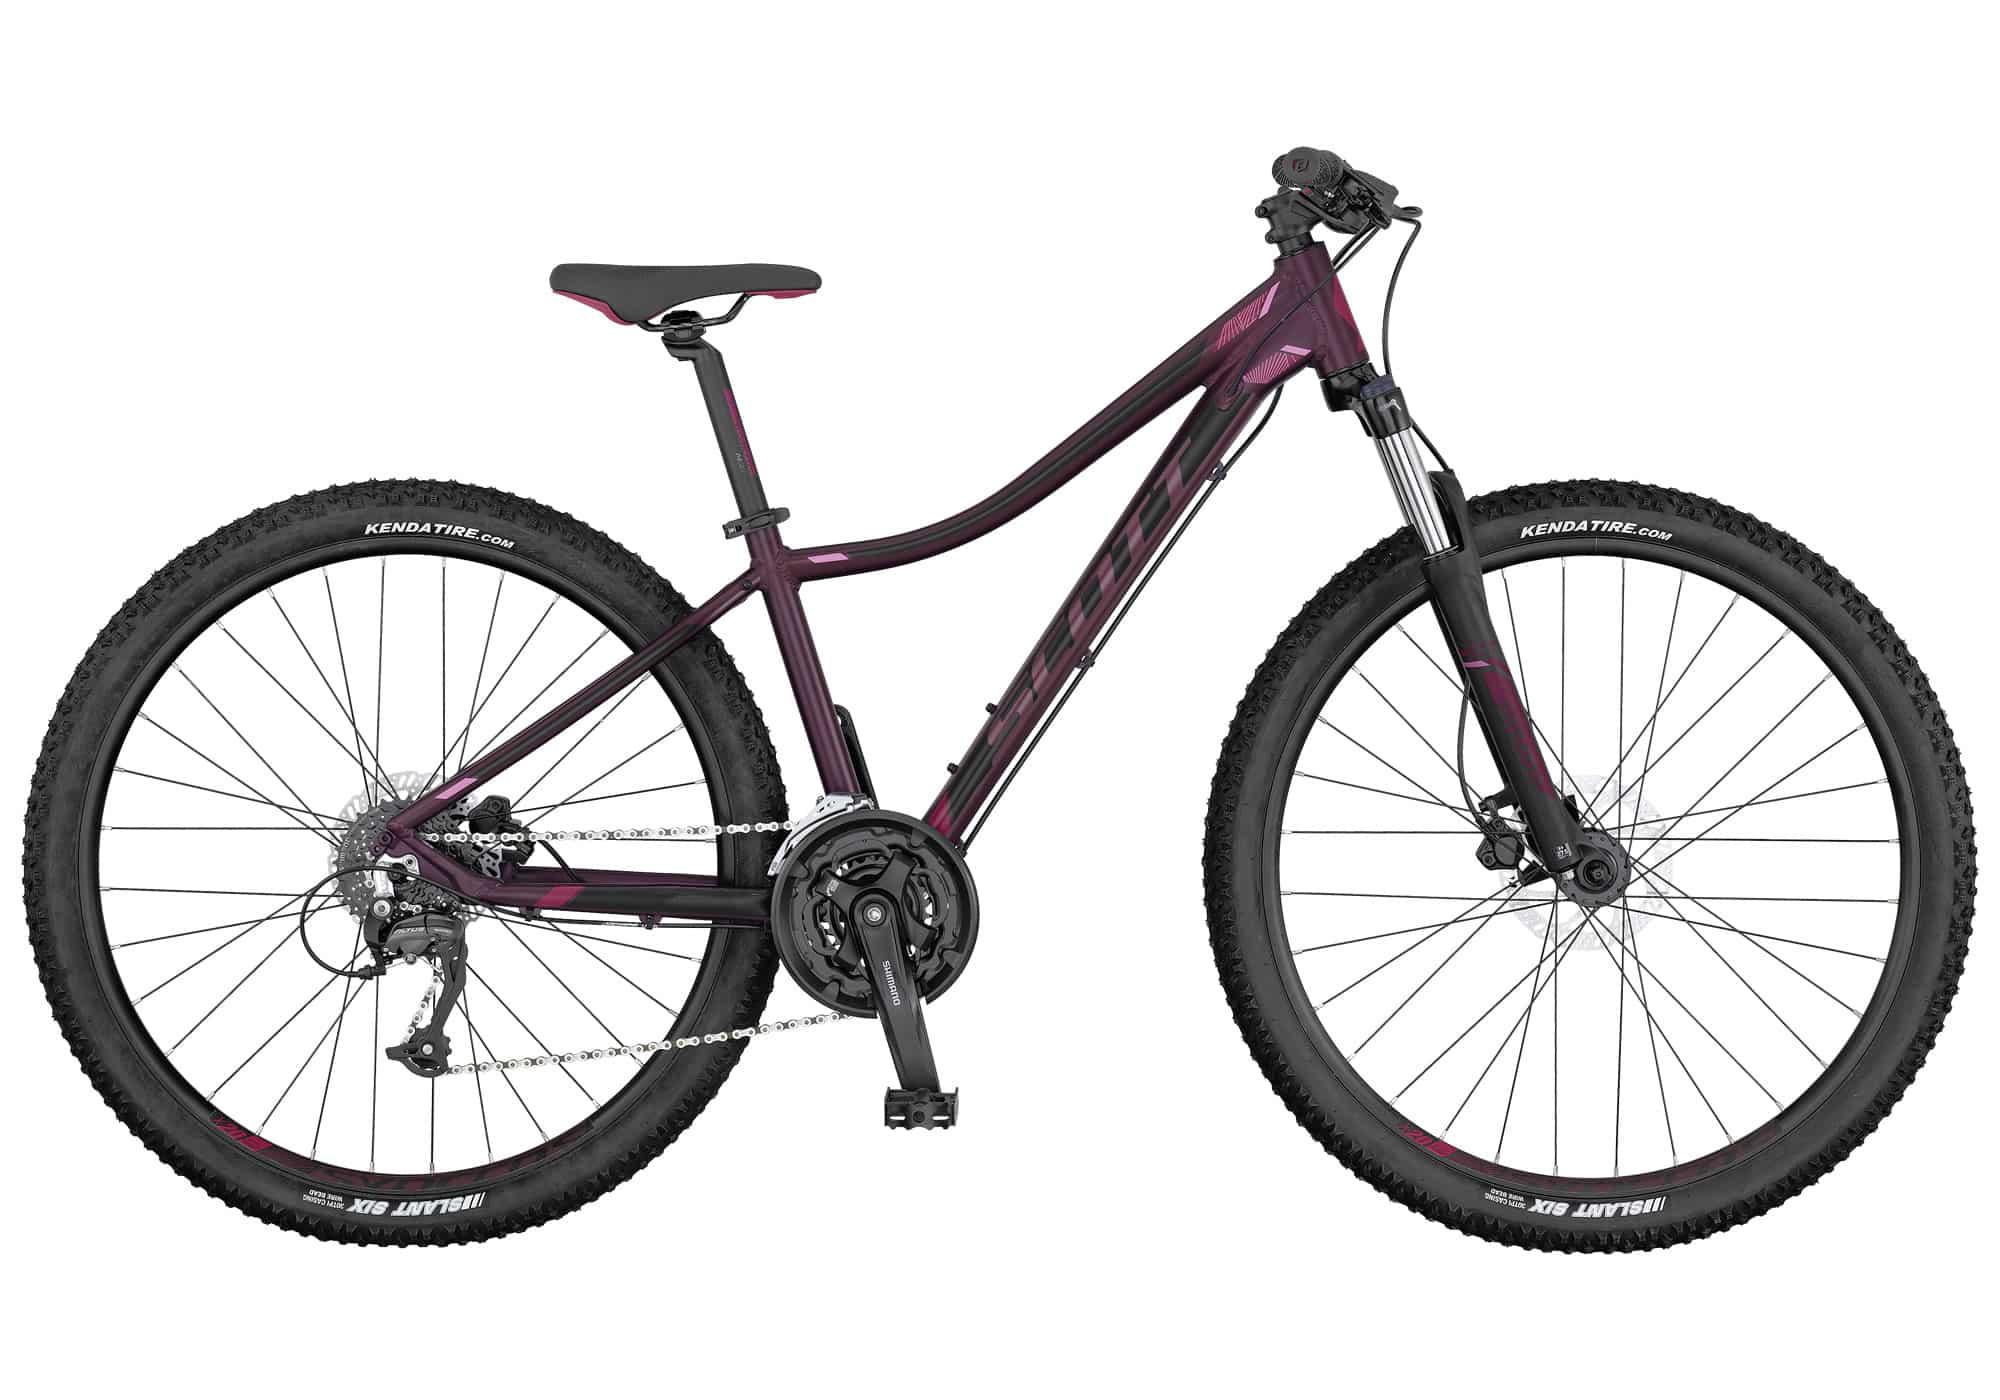 Scott Contessa 730. La Contessa 730 de SCOTT es una bicicleta de montaña sin suspensión trasera con características específicas para mujer. Esta bicicleta es ideal para ciclistas ocasionales y principiantes y cuenta con frenos de disco Tektro.